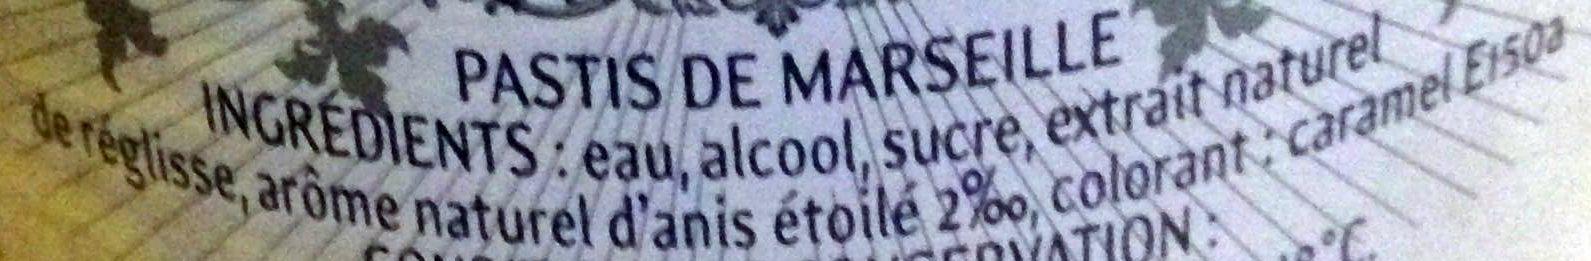 Pastis de Marseille - Ingredienti - fr